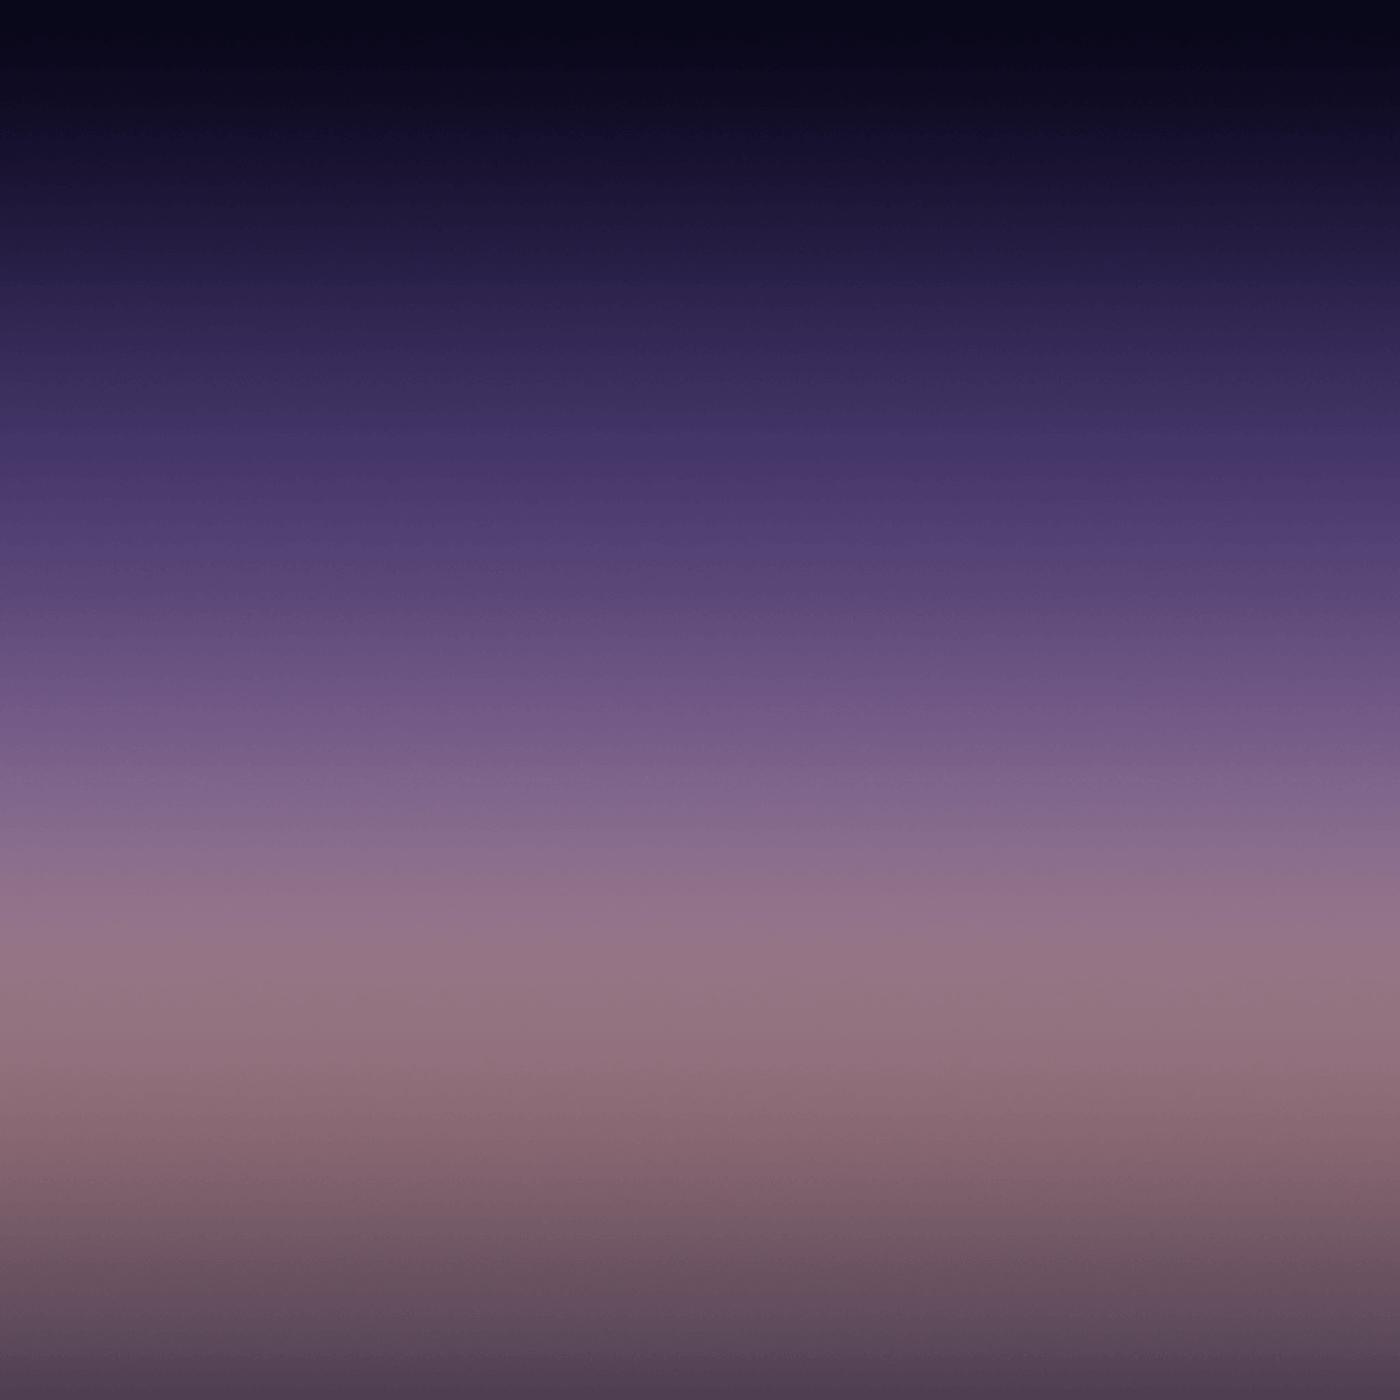 13 hintergrundbilder galaxy im - photo #15